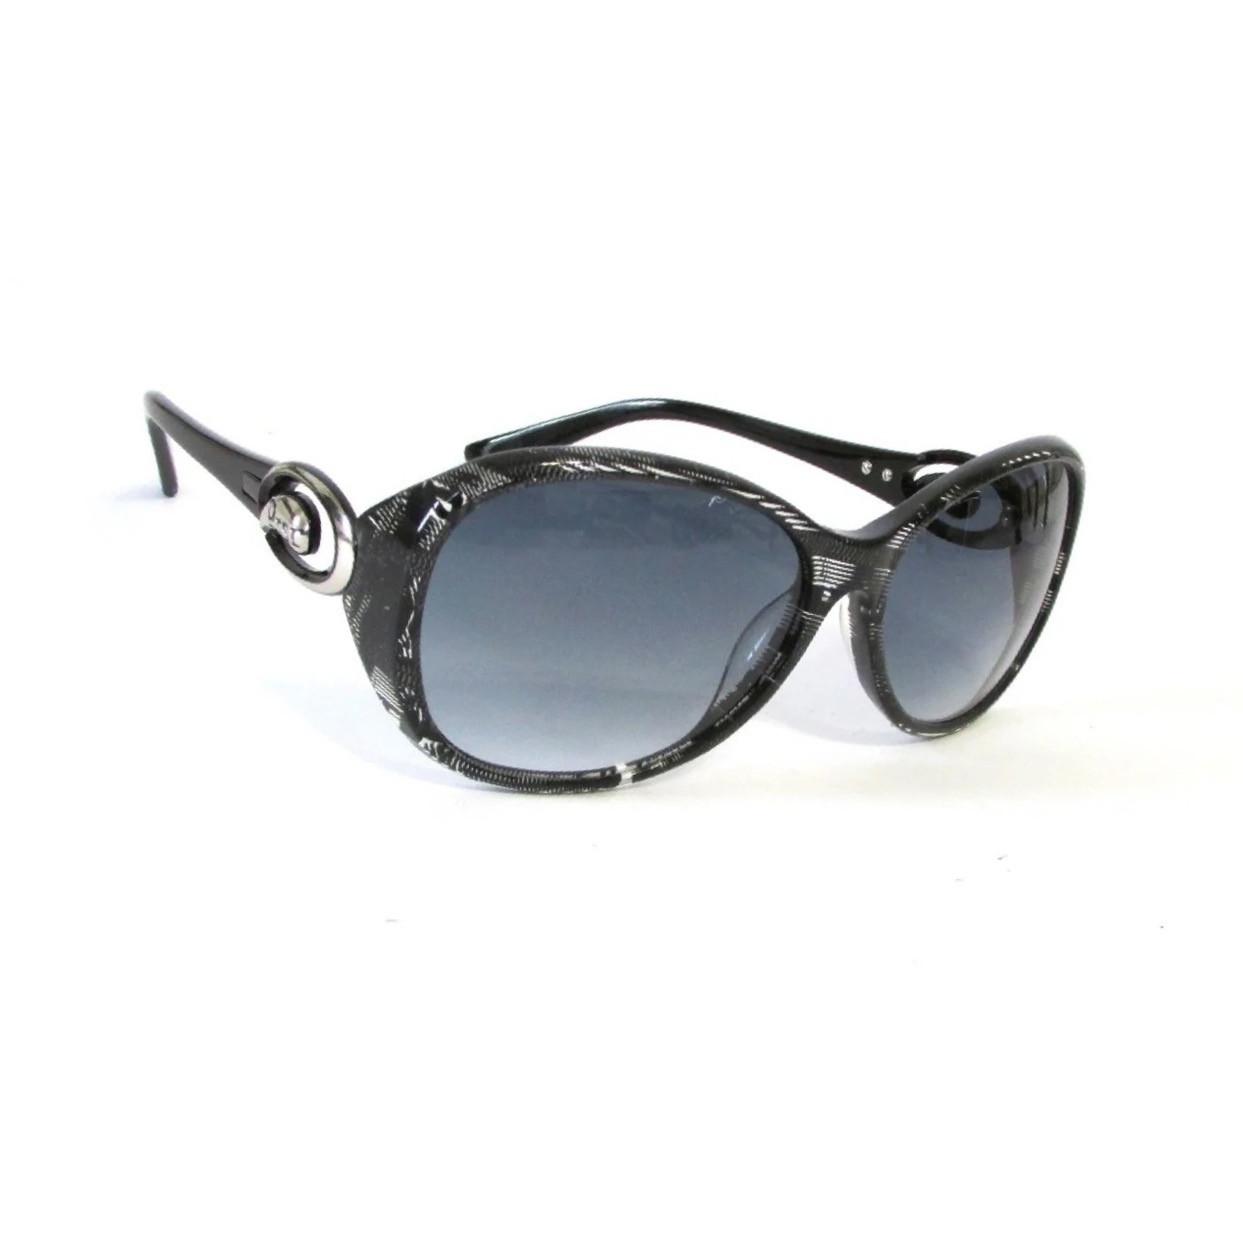 Жіночі окуляри 6950 С13-121 Prsr